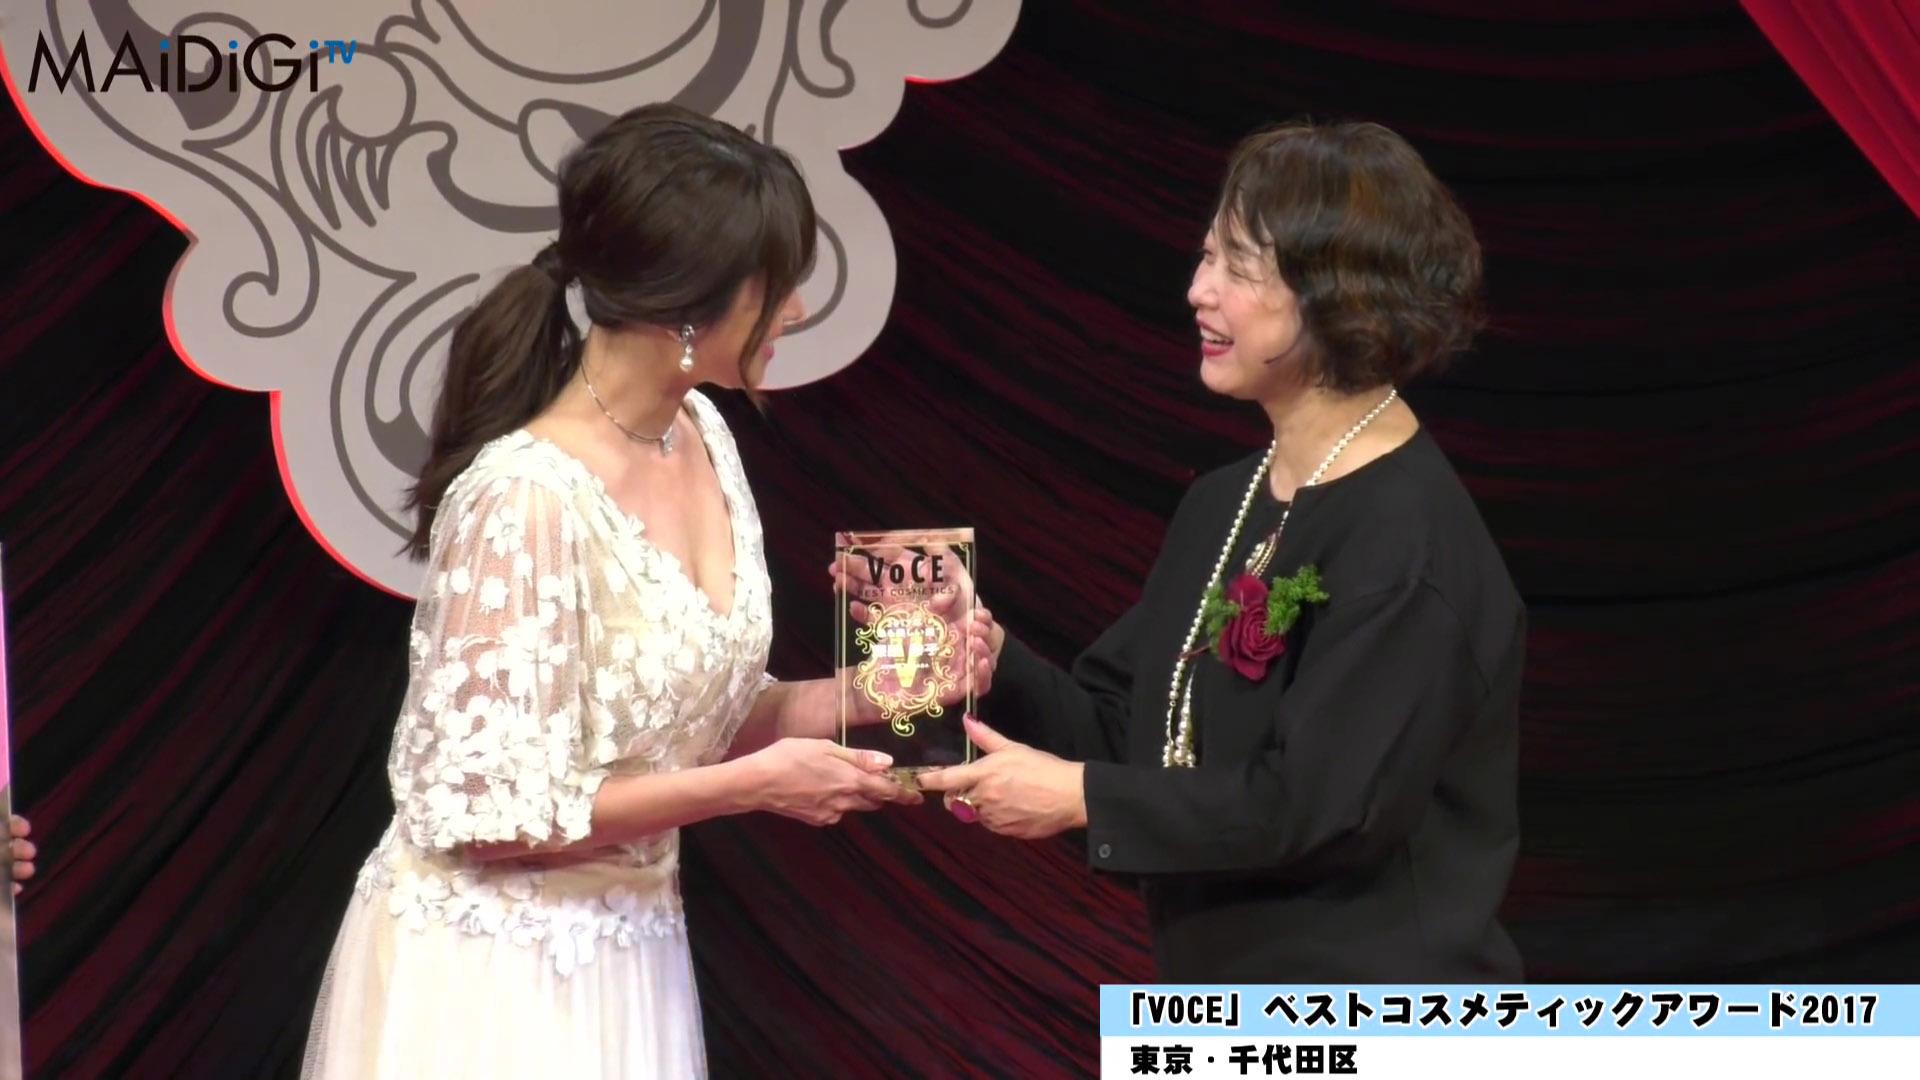 深田恭子 「最も美しい顔2017」授賞式で谷間見せまくり!!wwwwwwww